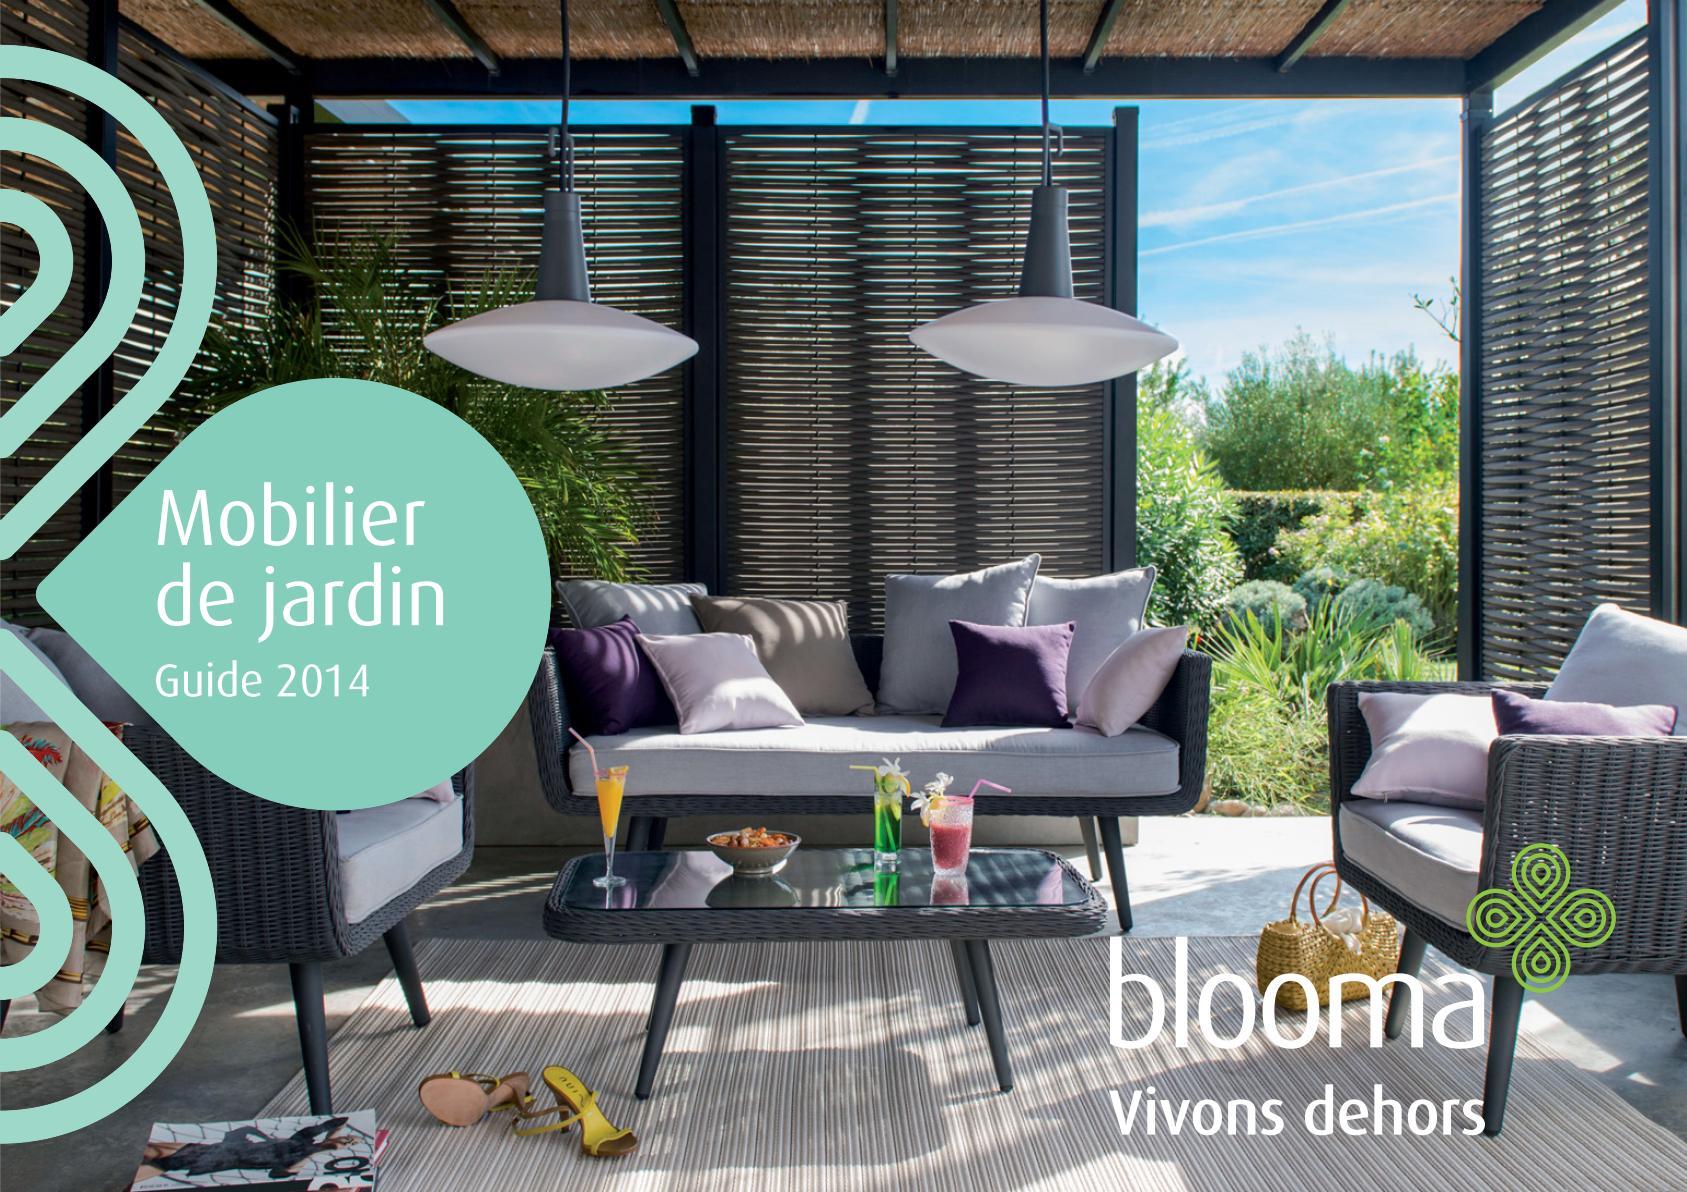 Catalogue Castorama Blooma Mobilier De Jardin 2014 ... à Table De Jardin Pliante Castorama